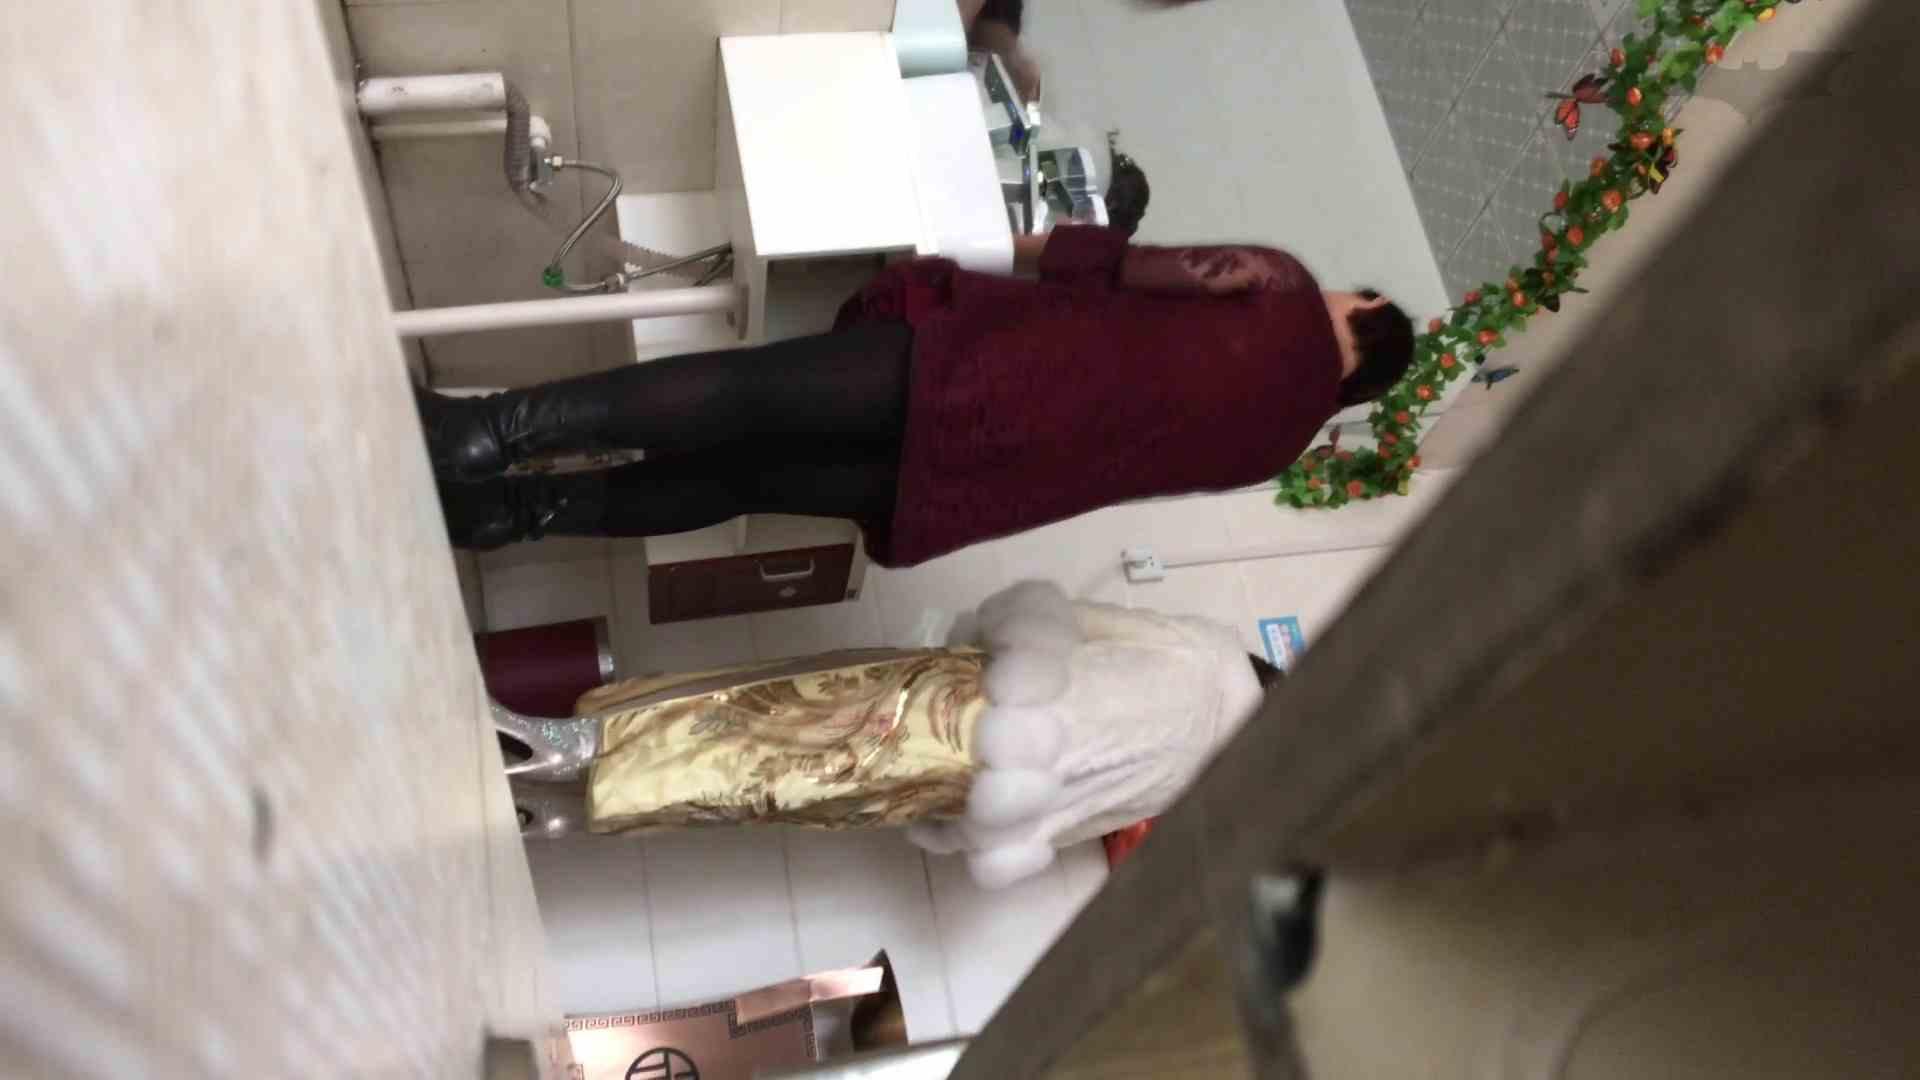 芸術大学ガチ潜入盗撮 JD盗撮 美女の洗面所の秘密 Vol.111 お姉さん攻略 | 丸見え  96画像 43